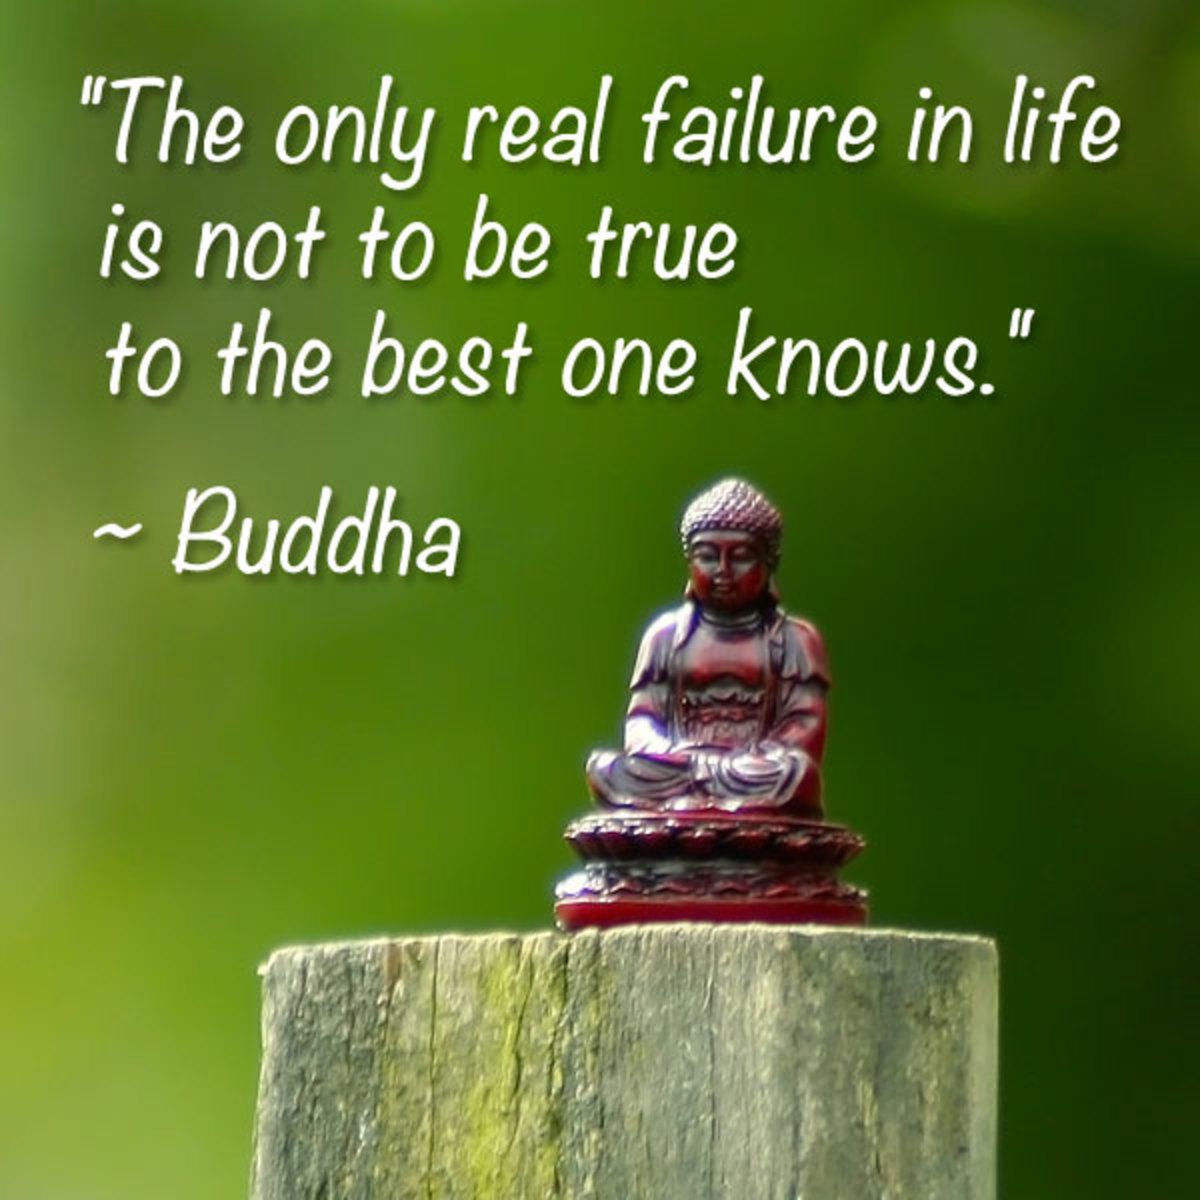 buddha-quotes-explained